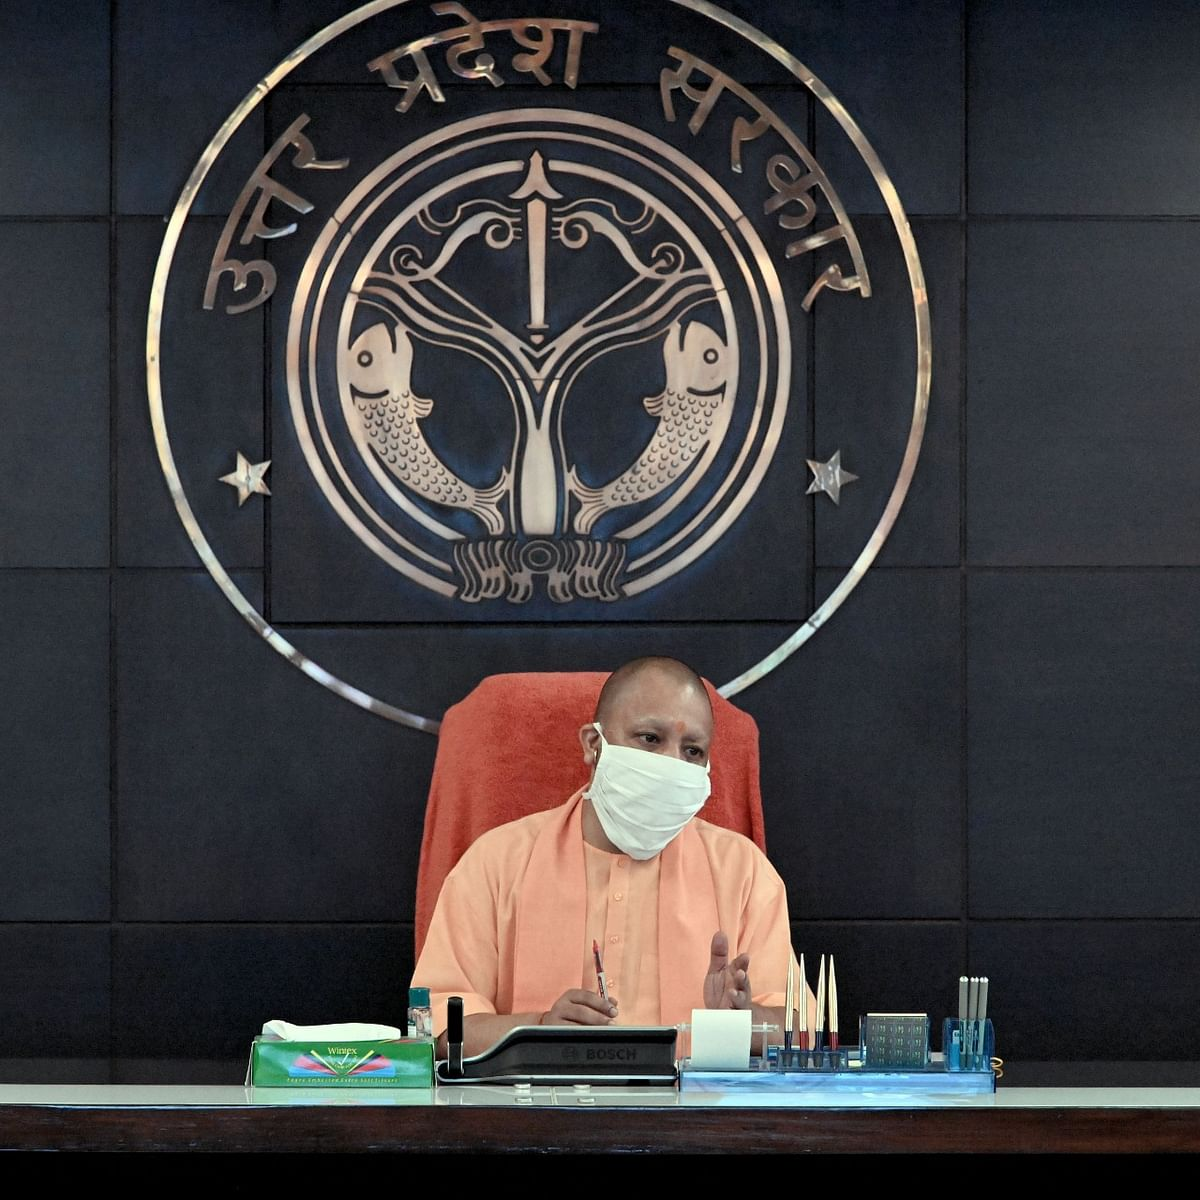 योगी सरकार भी कर्मचारियों को देगी स्पेशल फेस्टिवल पैकेज, कैबिनेट बैठक में मंजूरी